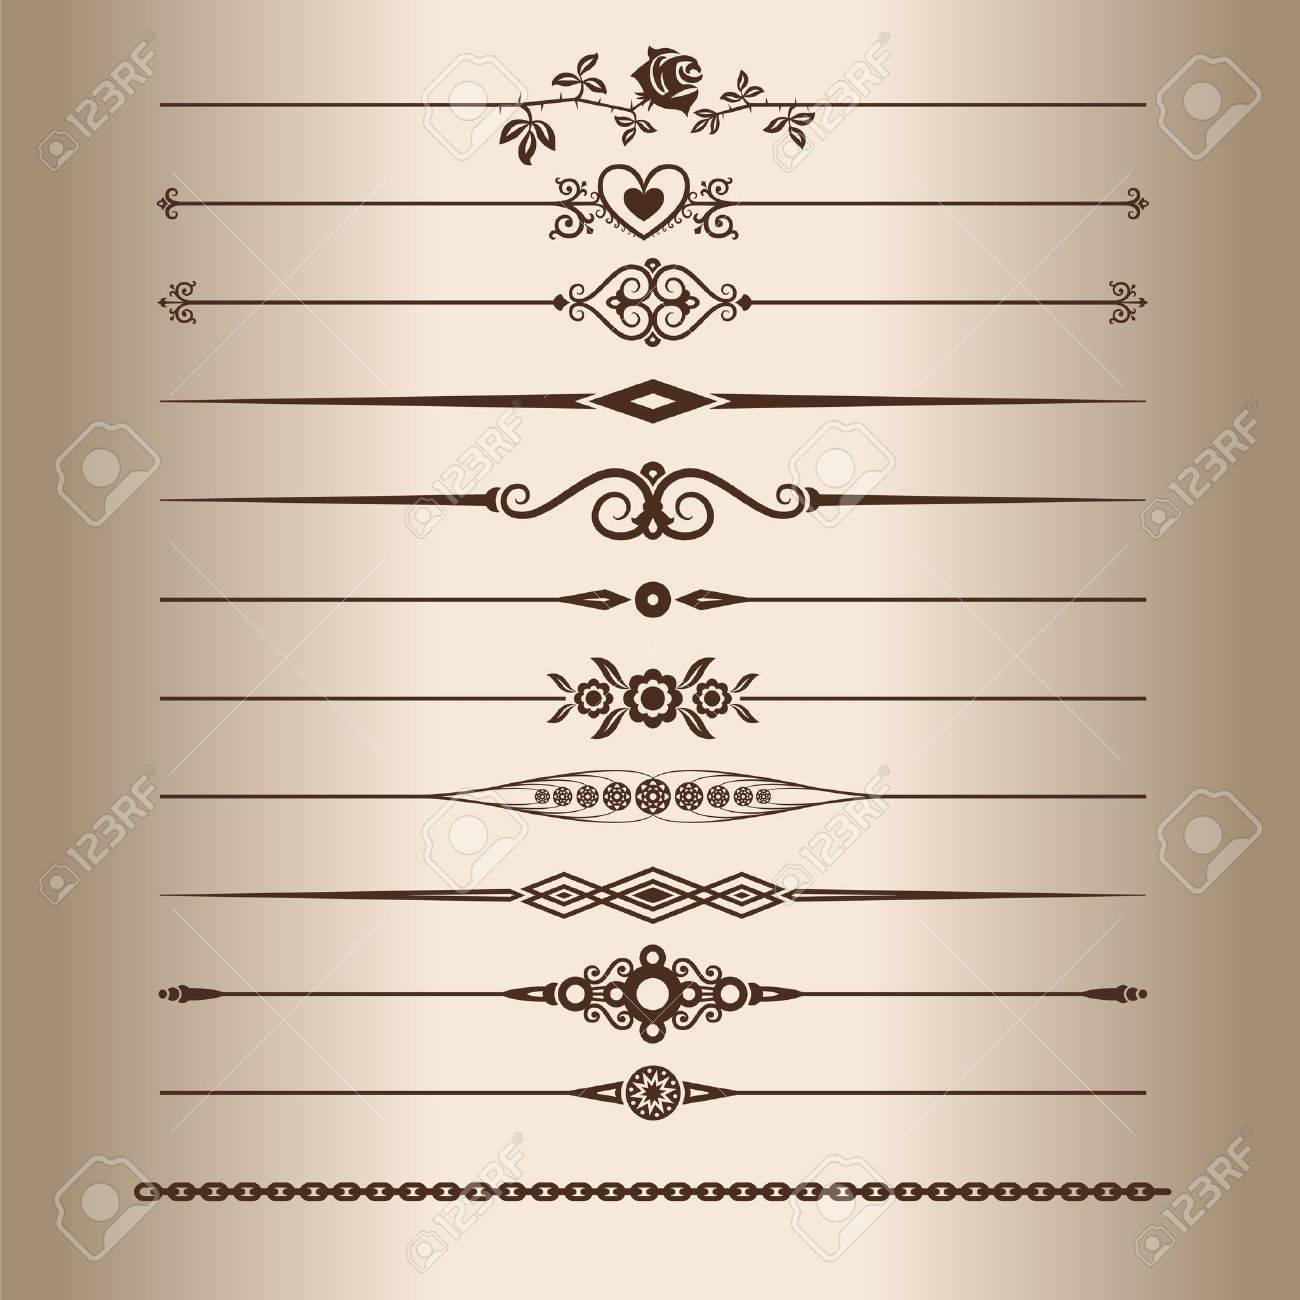 decorative lines elements for a vintage design decorative